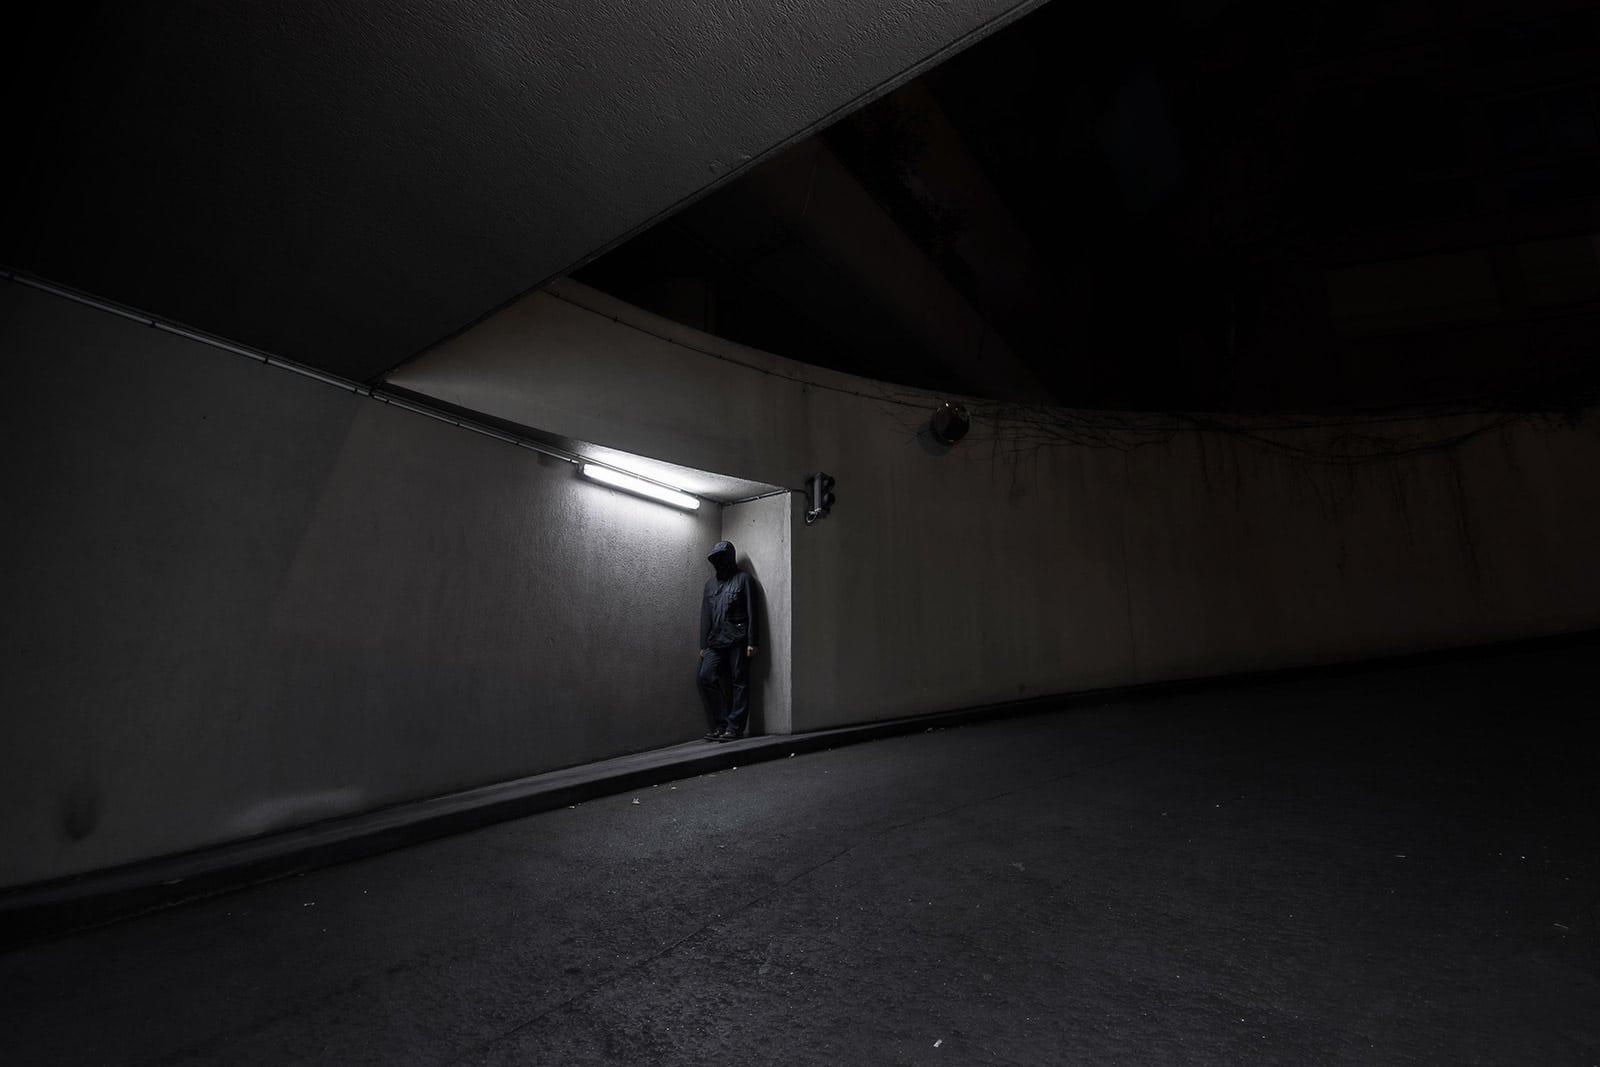 Temps de pause - Photographie de nuit conceptuelle